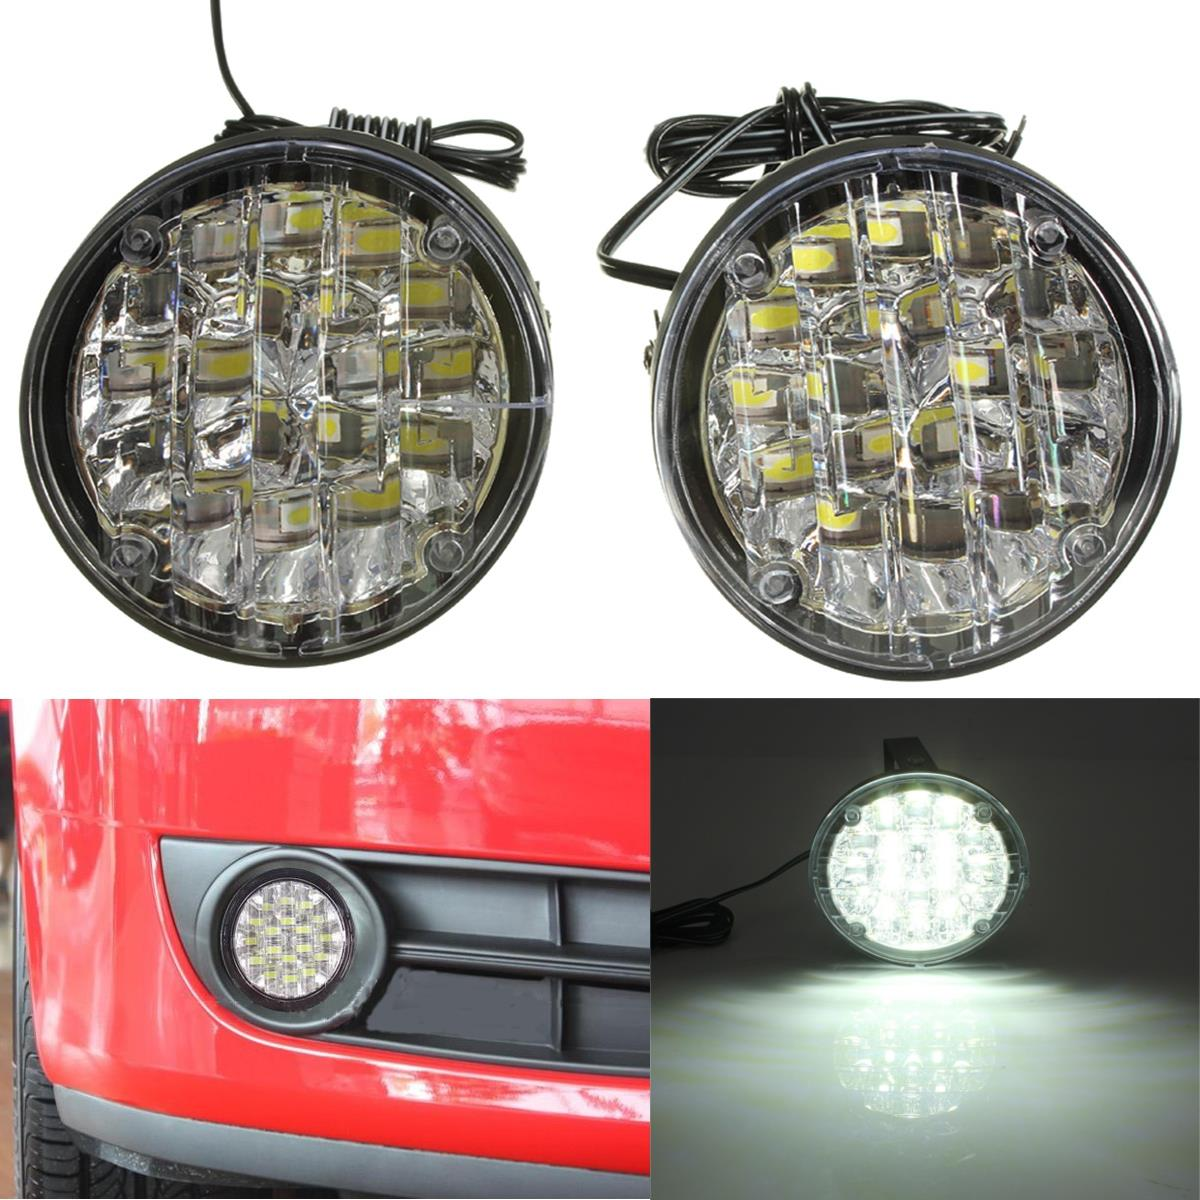 2Pcs 12V 18 LED Round Car Driving Daytime Running Light DRL Fog Lamp Bright White Car LED Offroad Work Light